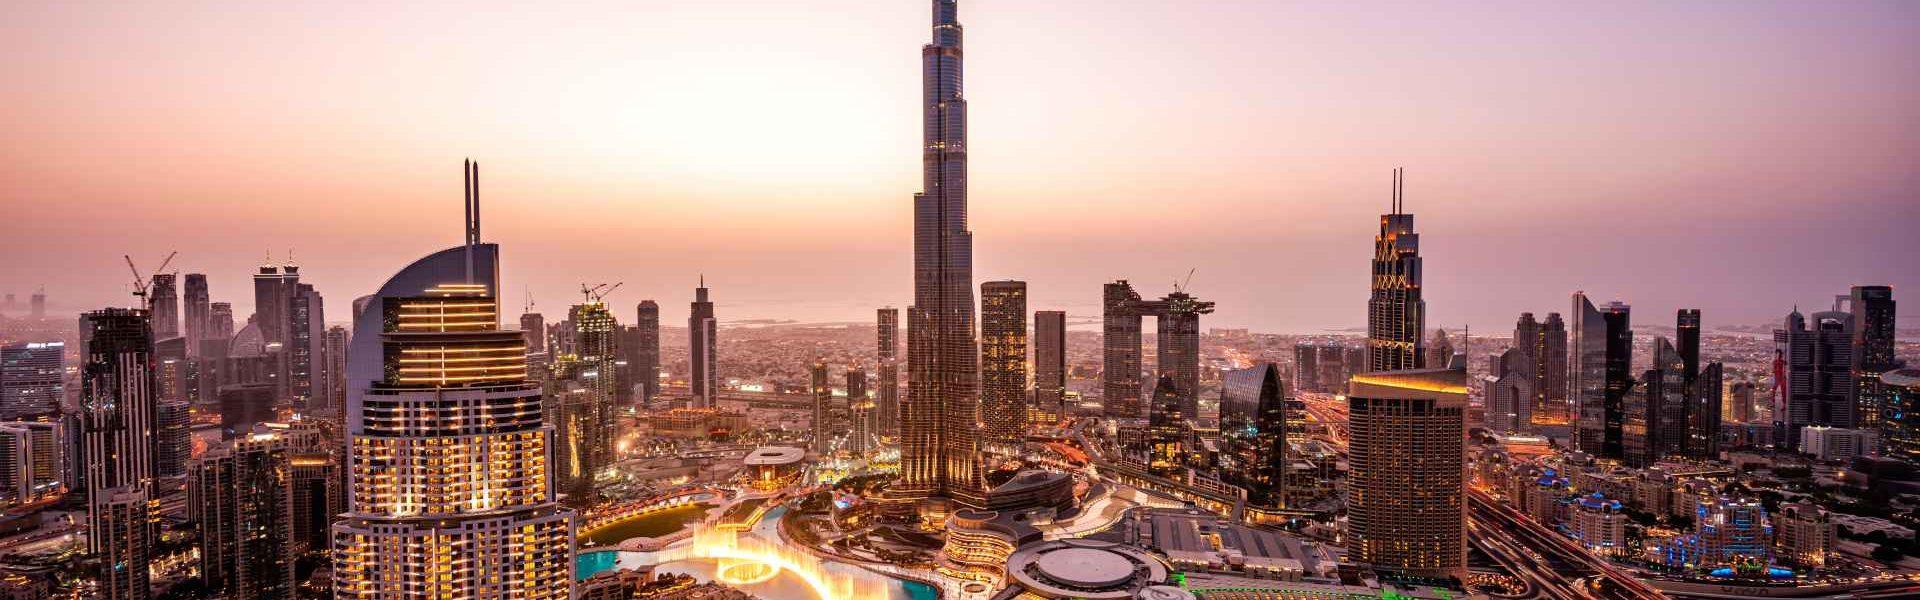 Dubai skyline at night